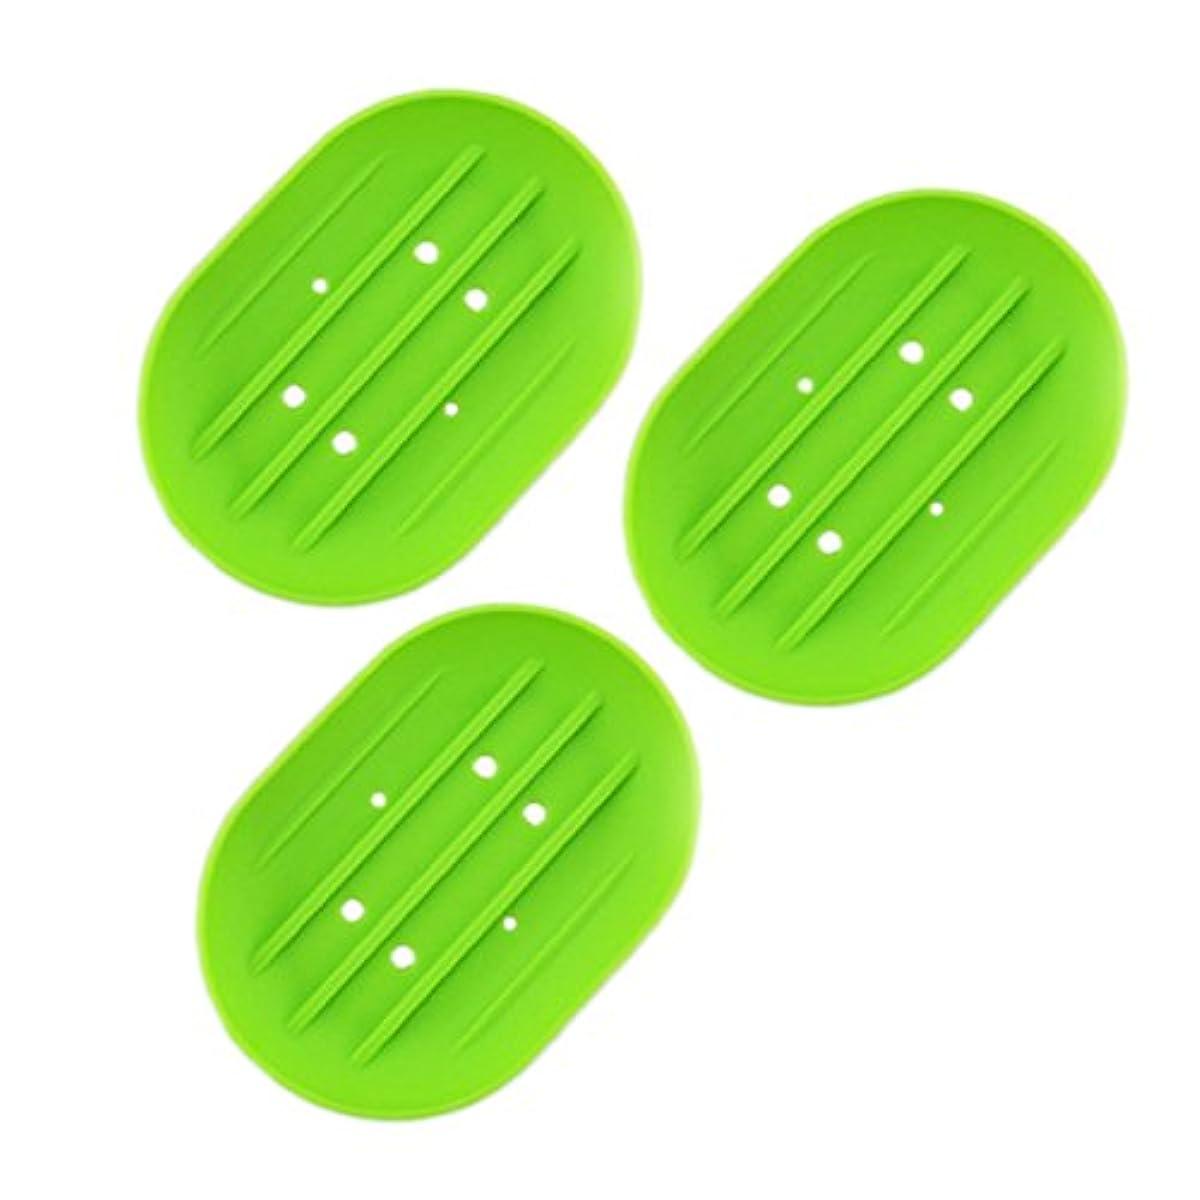 憧れ完璧ブームBESTOMZ ソープディッシュソープホルダー, 石鹸トレイ乾燥石鹸バー 浴室用キッチン用3連グリーン用